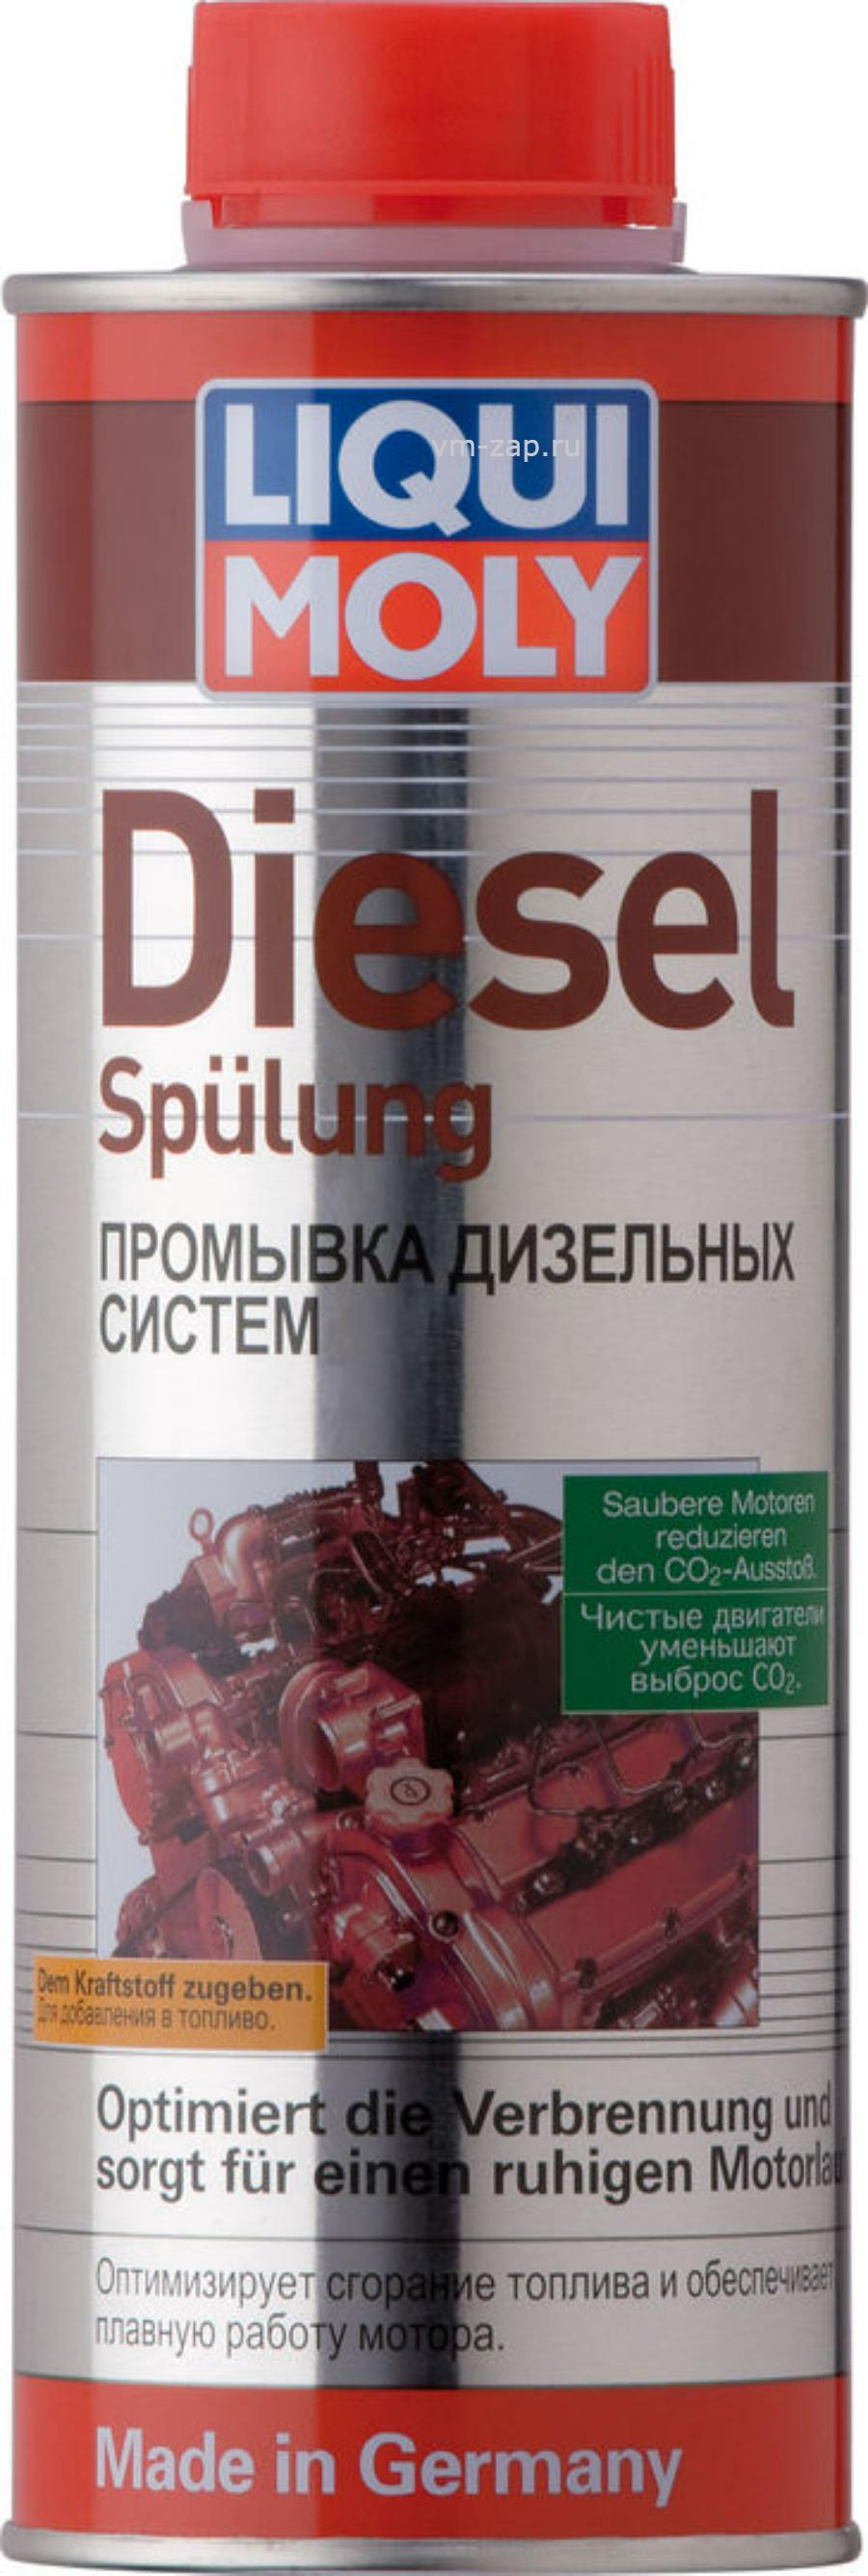 Очиститель дизельных систем LIQUI MOLY 0,5л Diesel Spulung